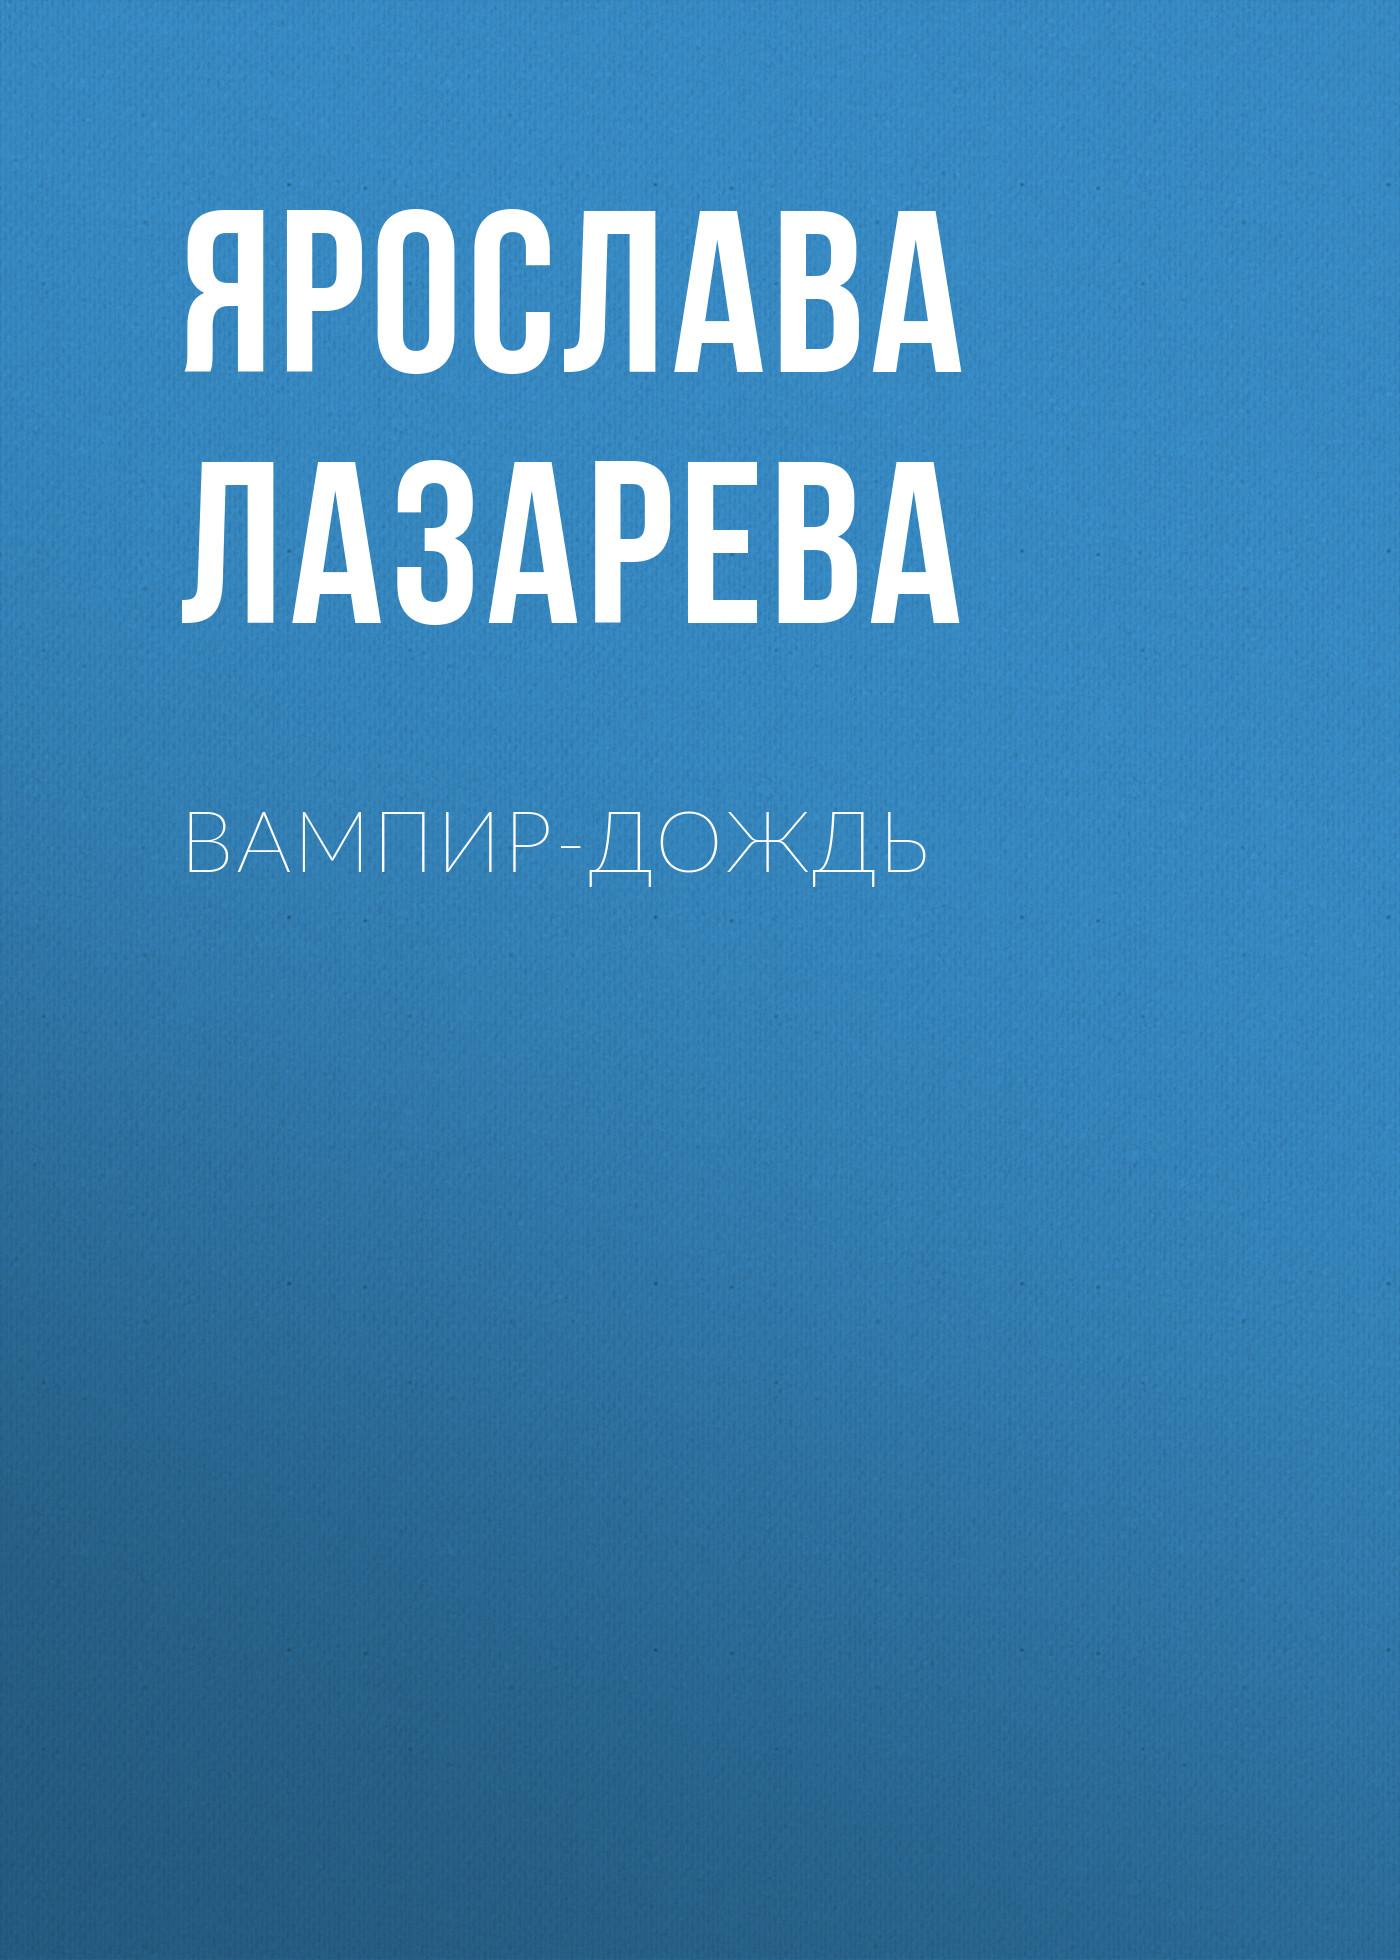 Ярослава Лазарева «Вампир-дождь»